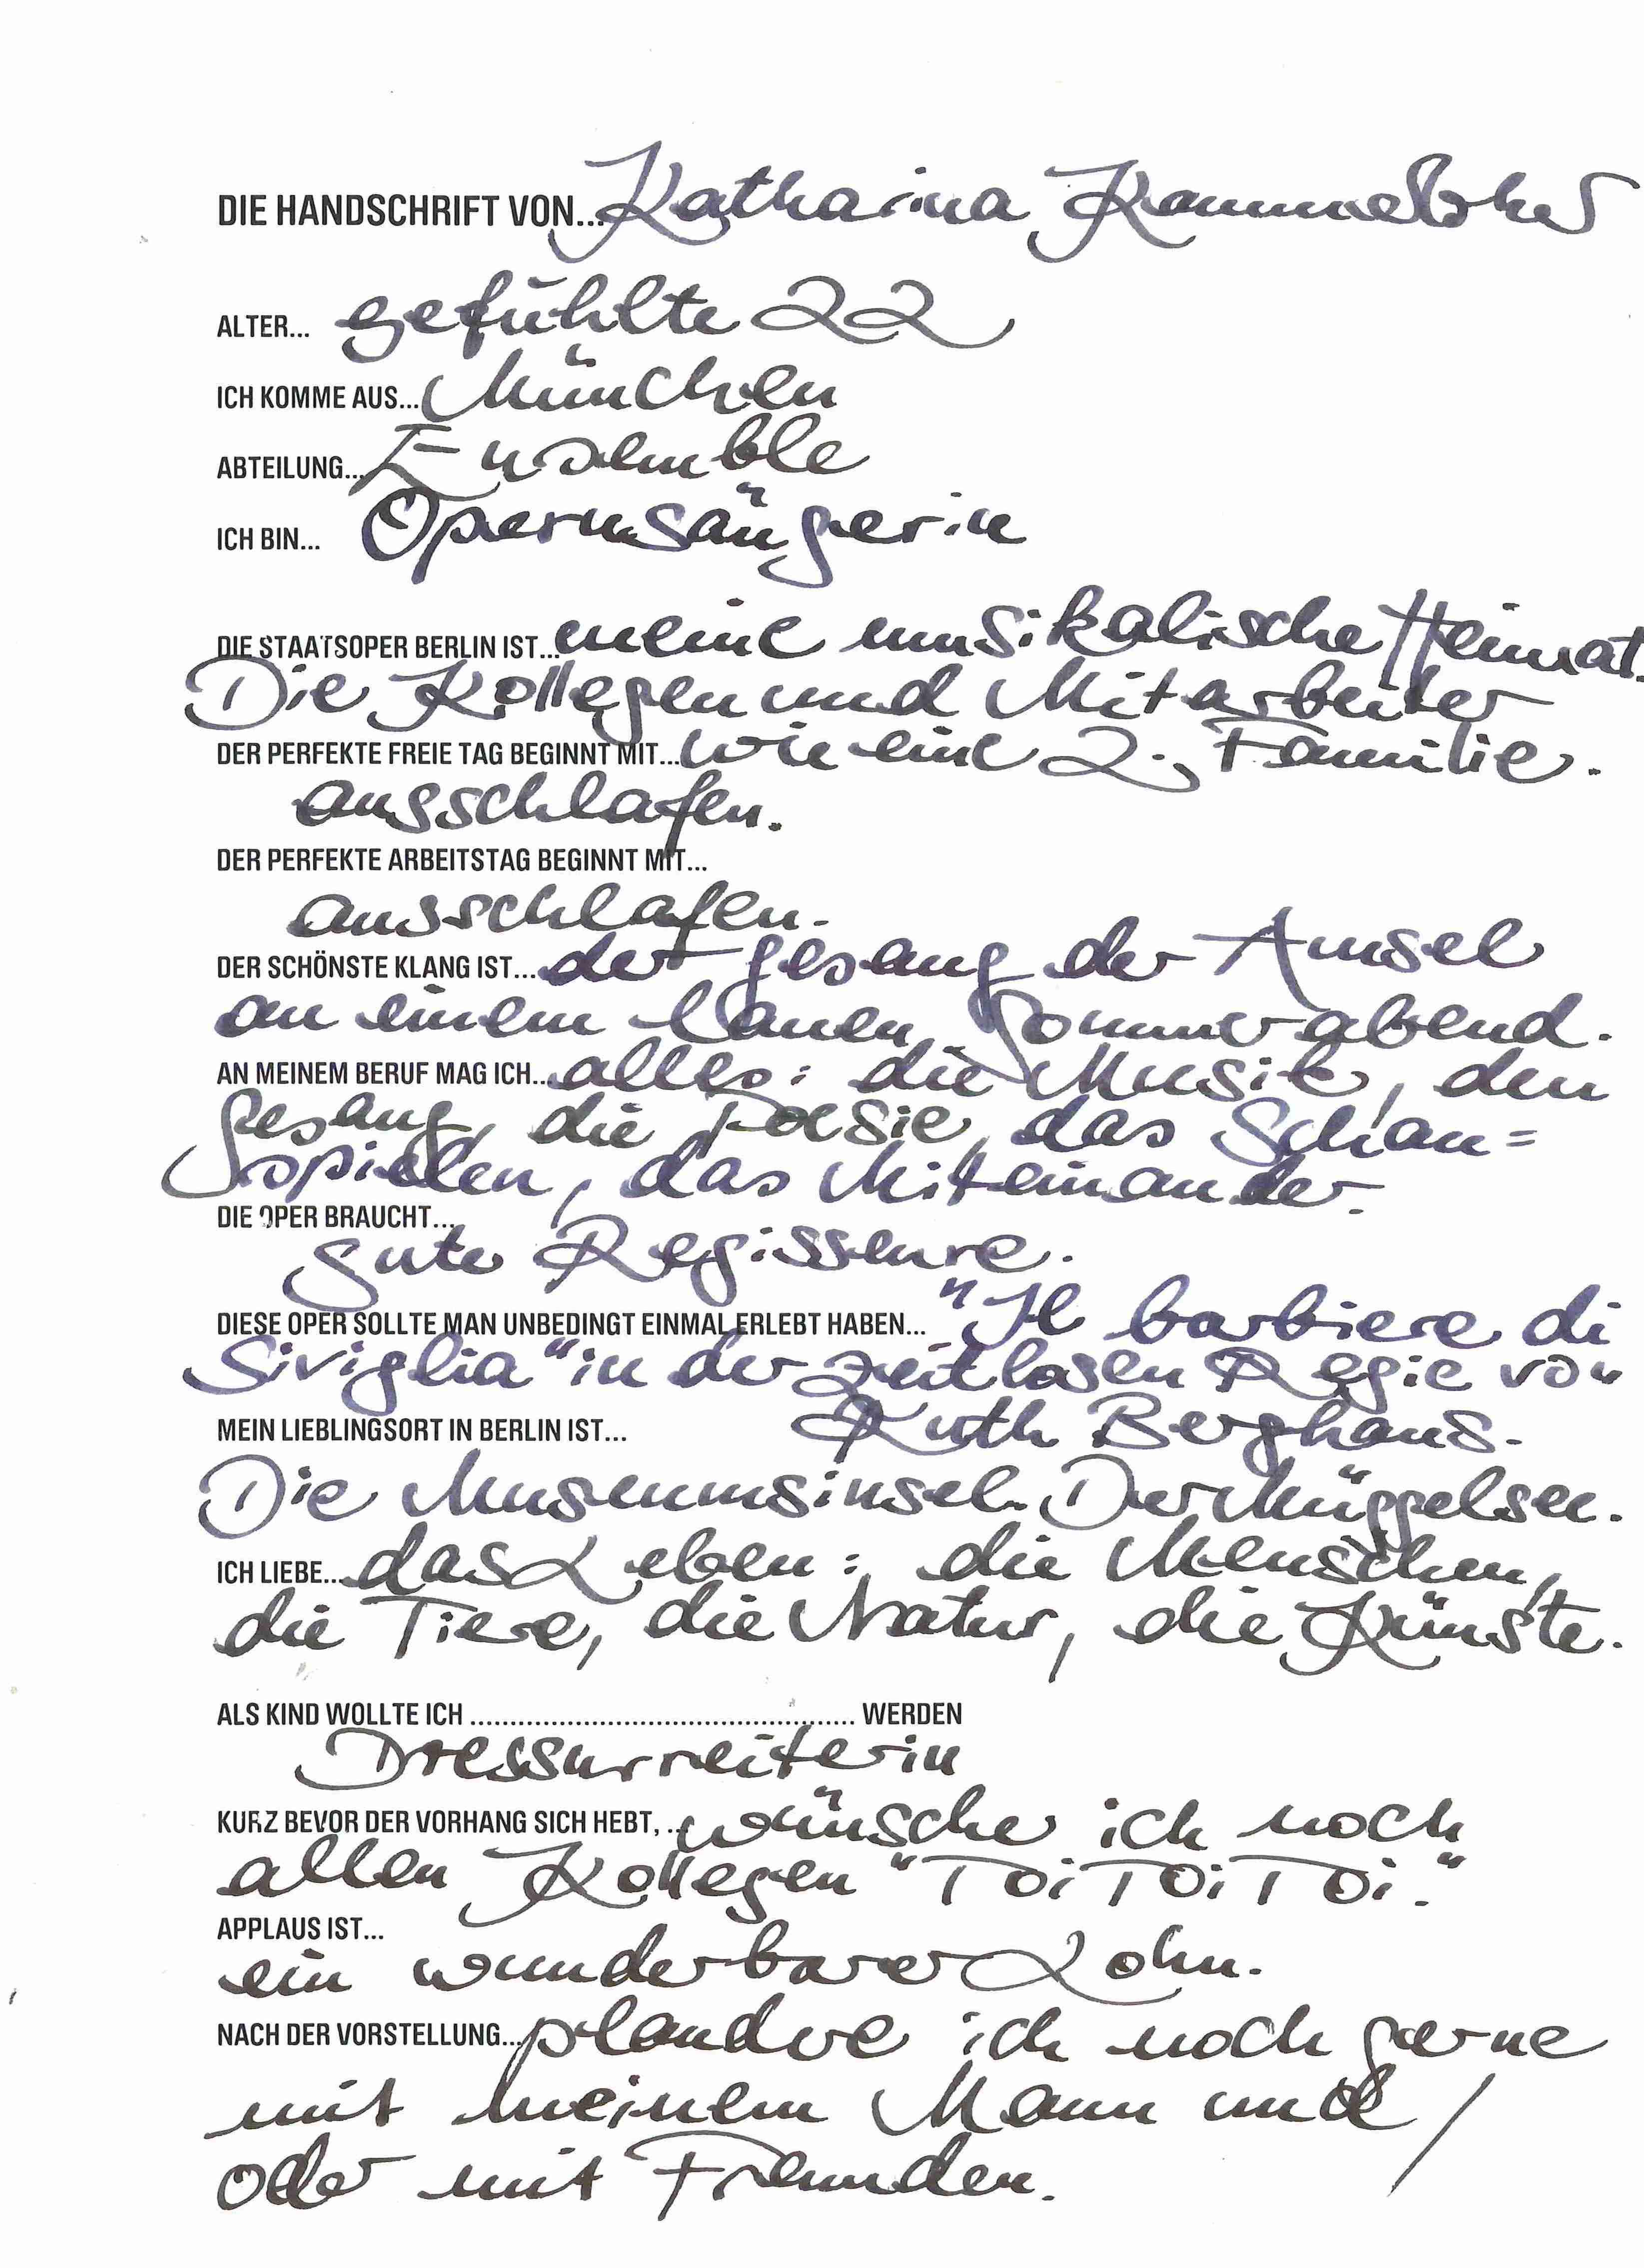 Die Handschrift von... Katharina Kammerloher